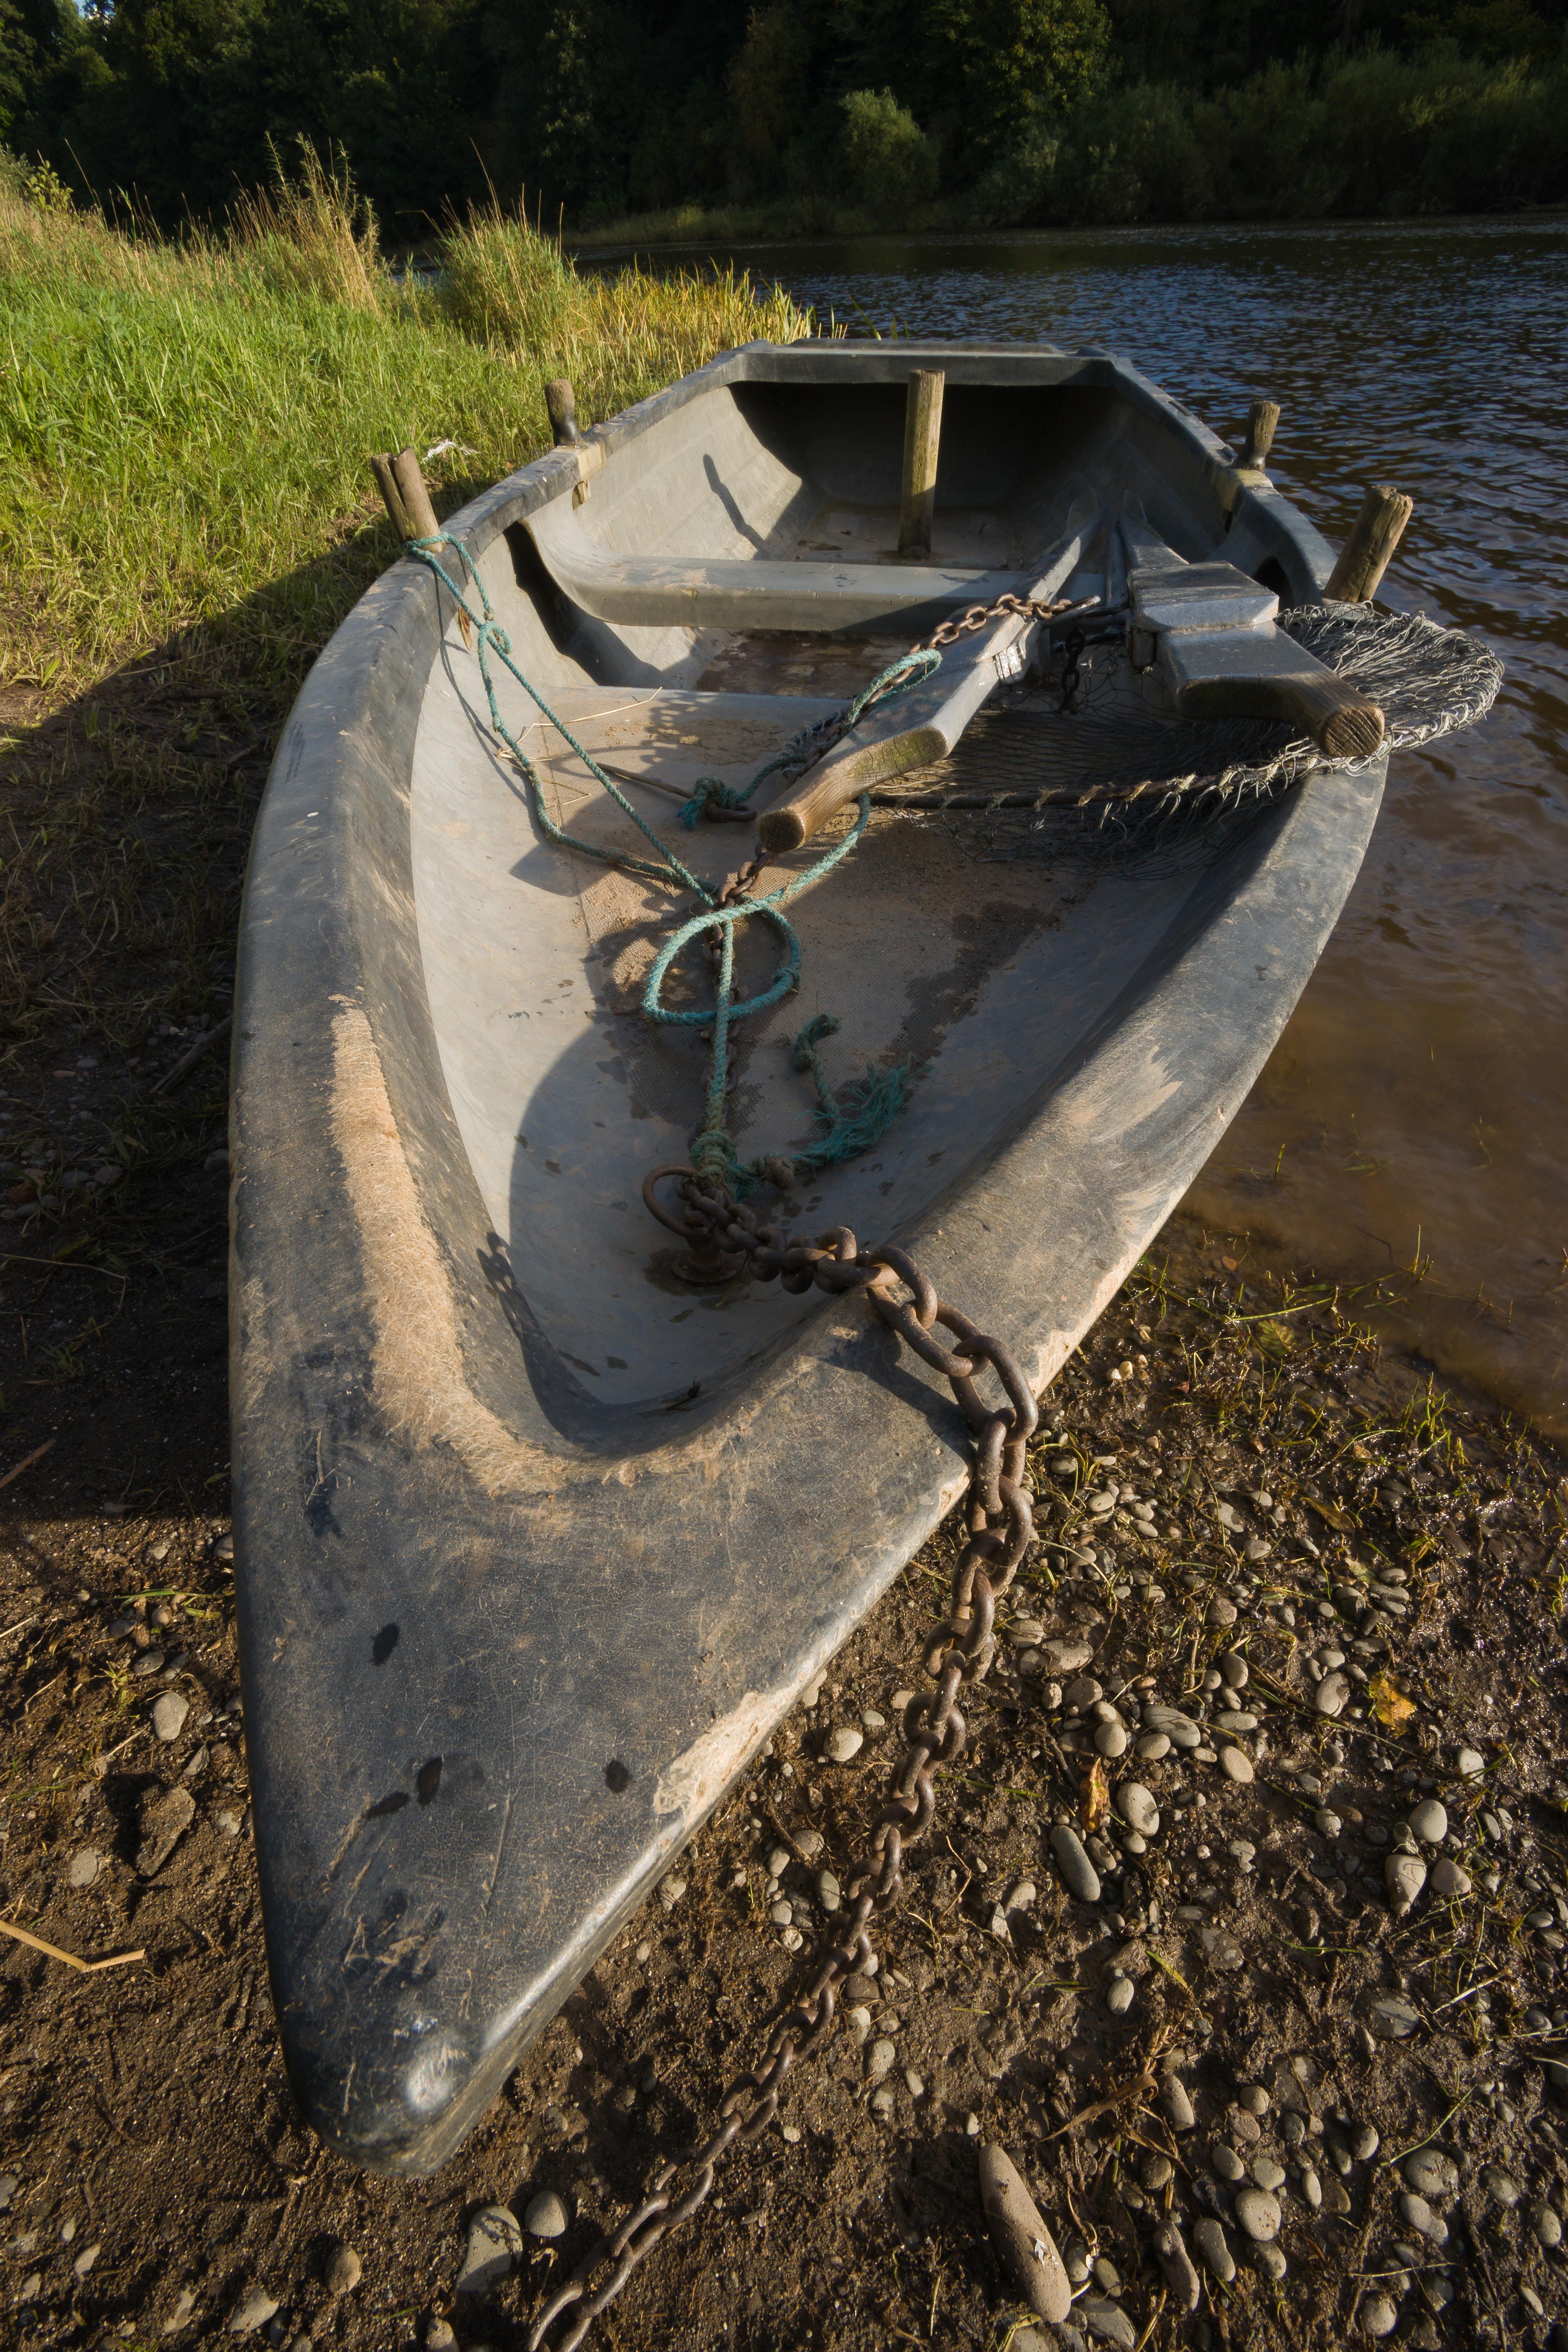 17mmboatf22.jpg